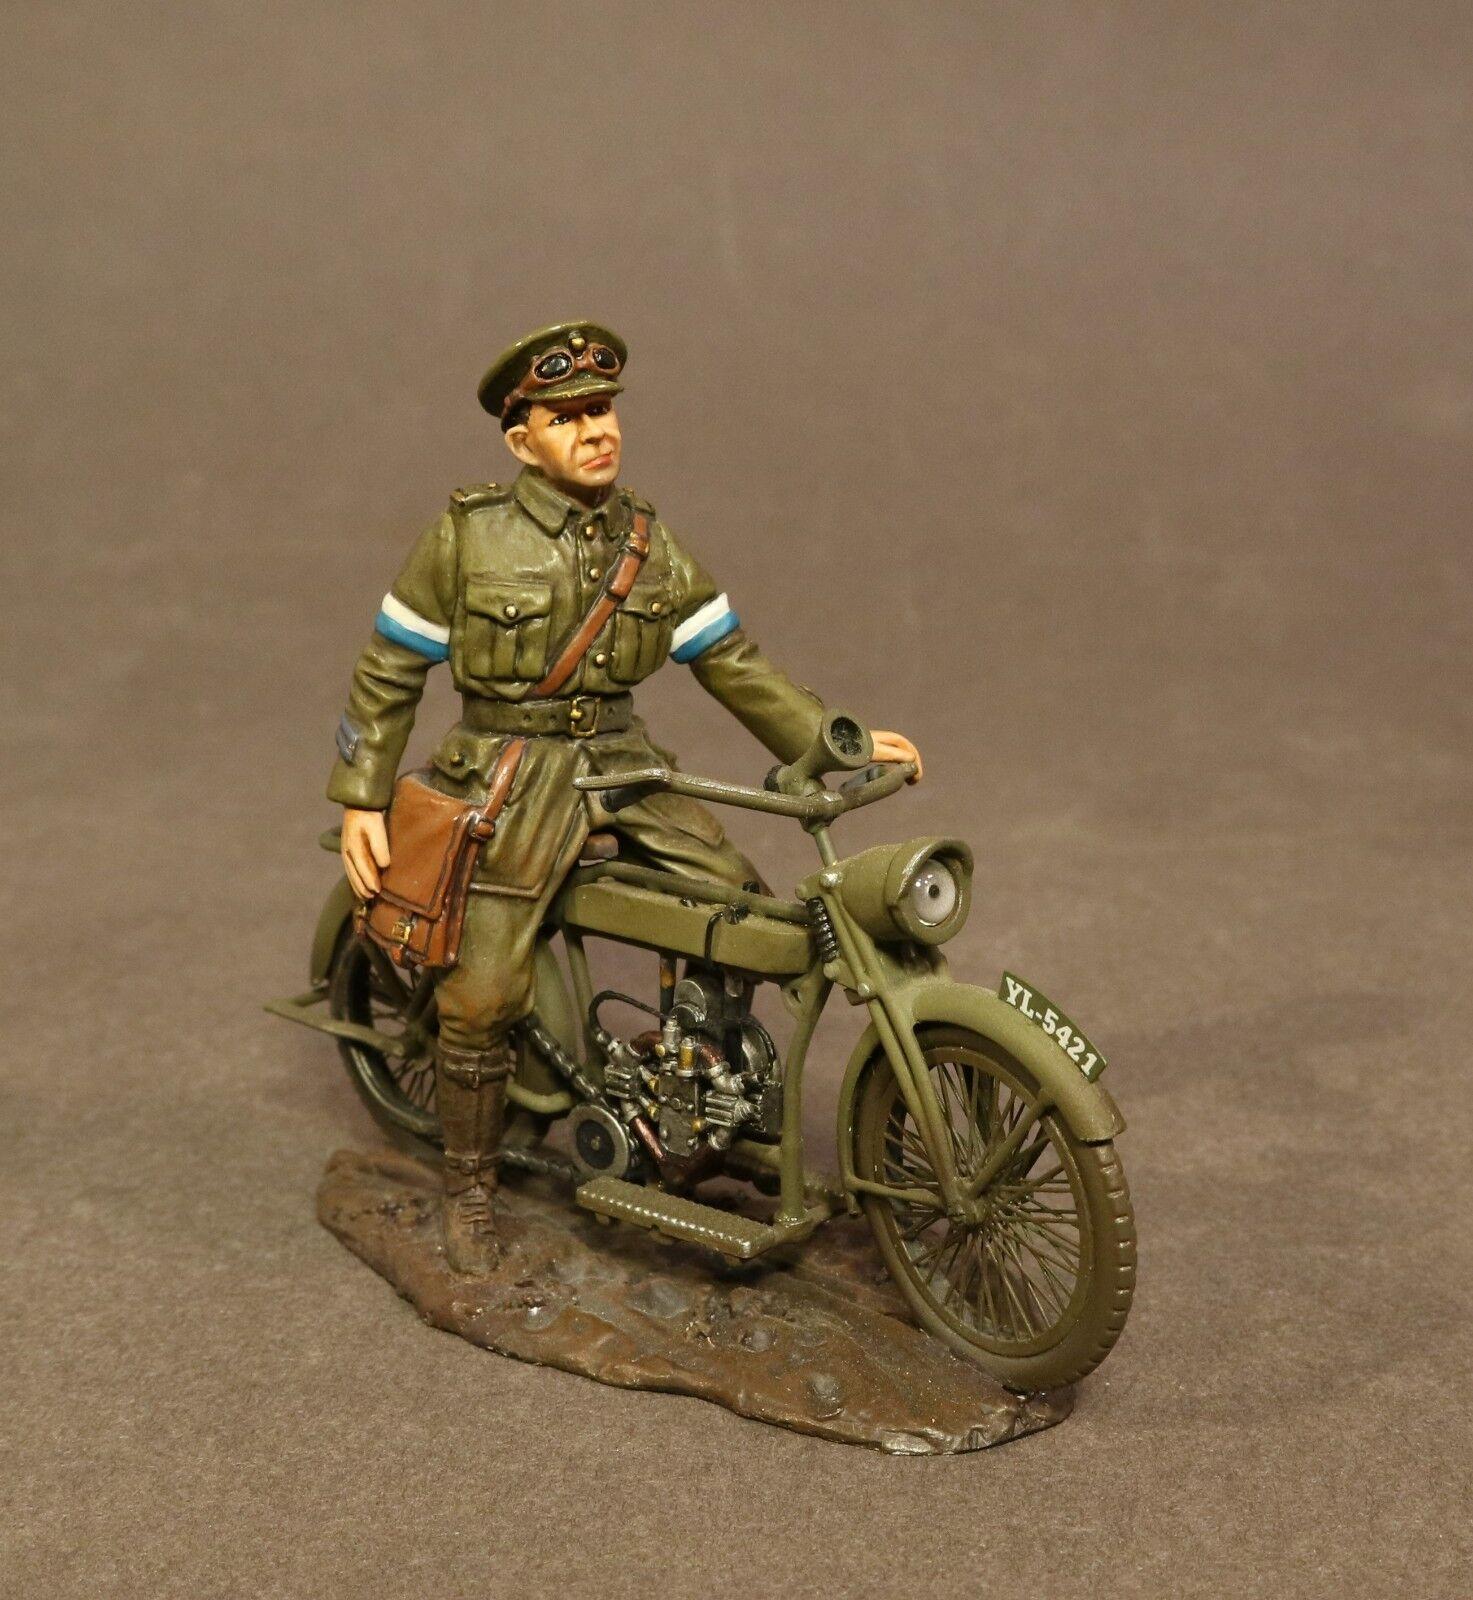 John Jenkins WW1 der Große Krieg GWB-19B Königlich Ingenieure Versand Reiter